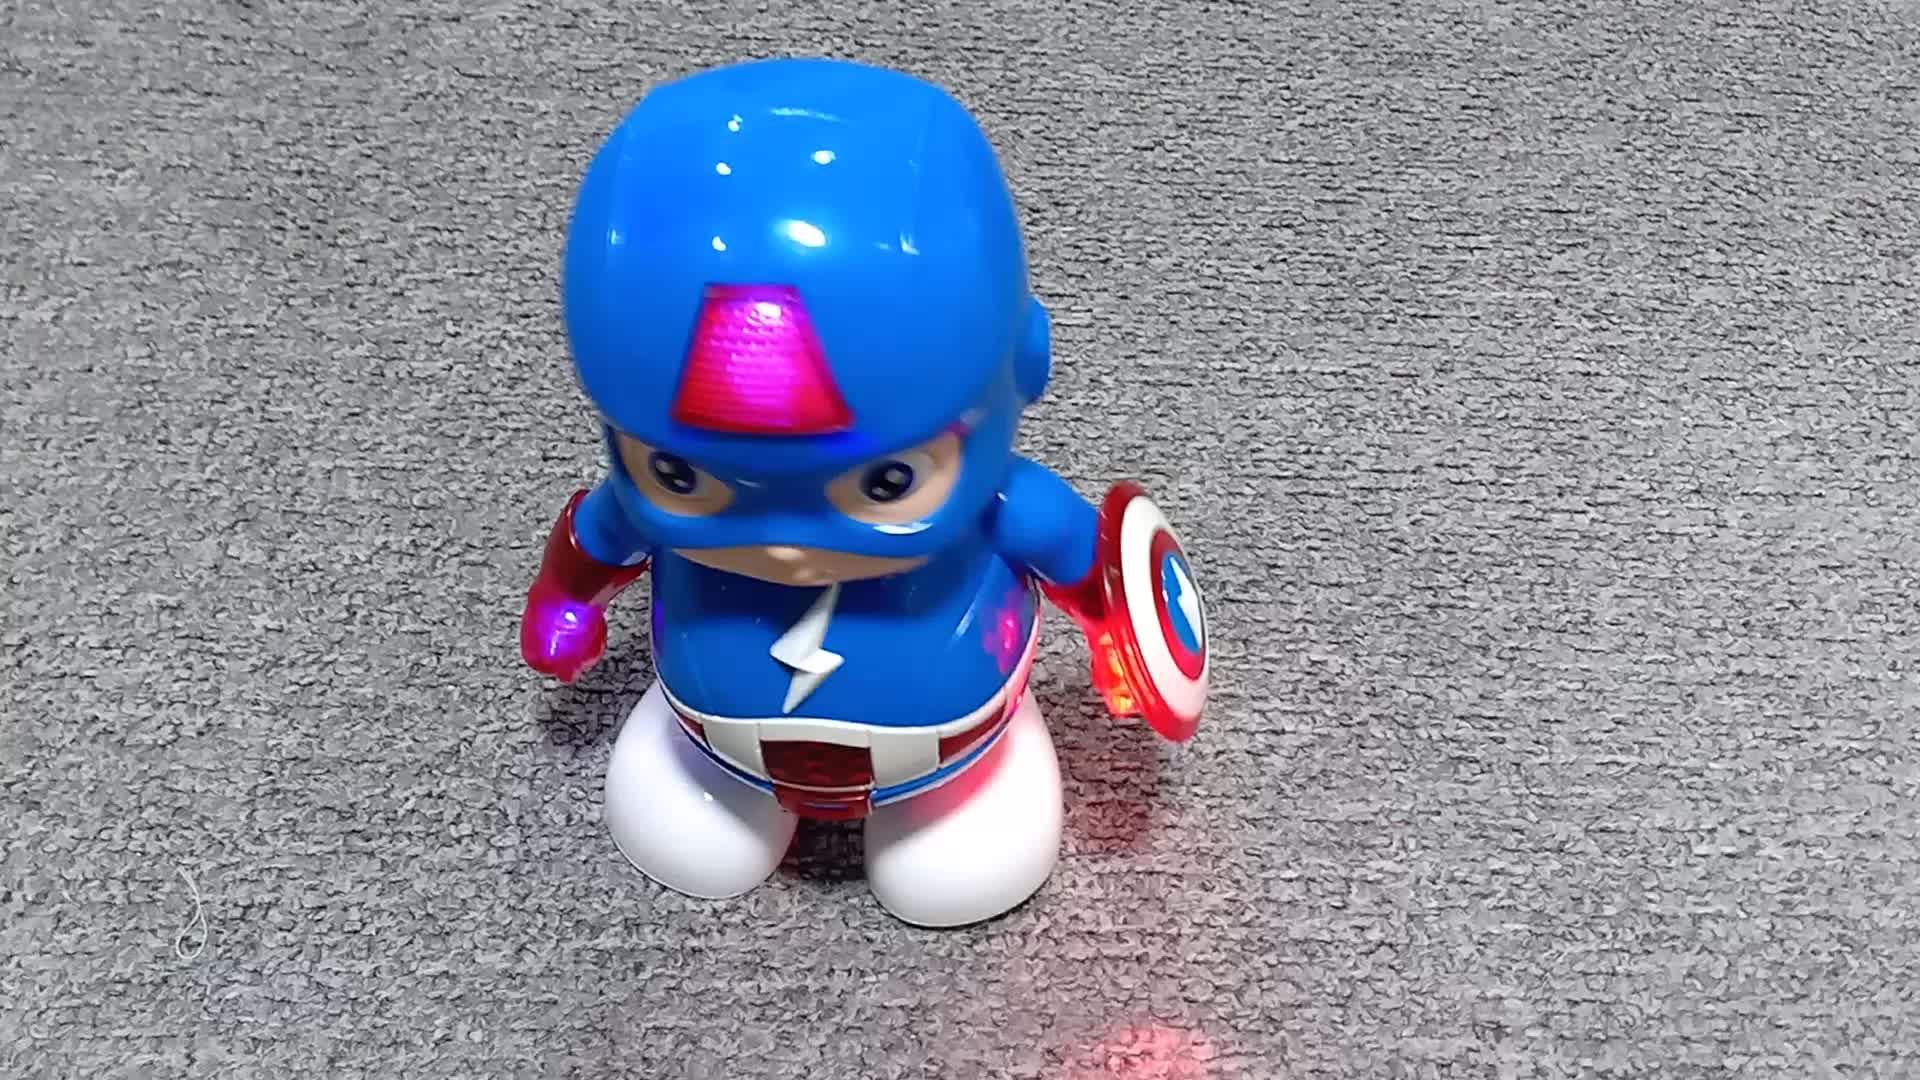 Figura de ação de super-heróis capitão américa dança do robô com luz e som personalizado liga de lenda